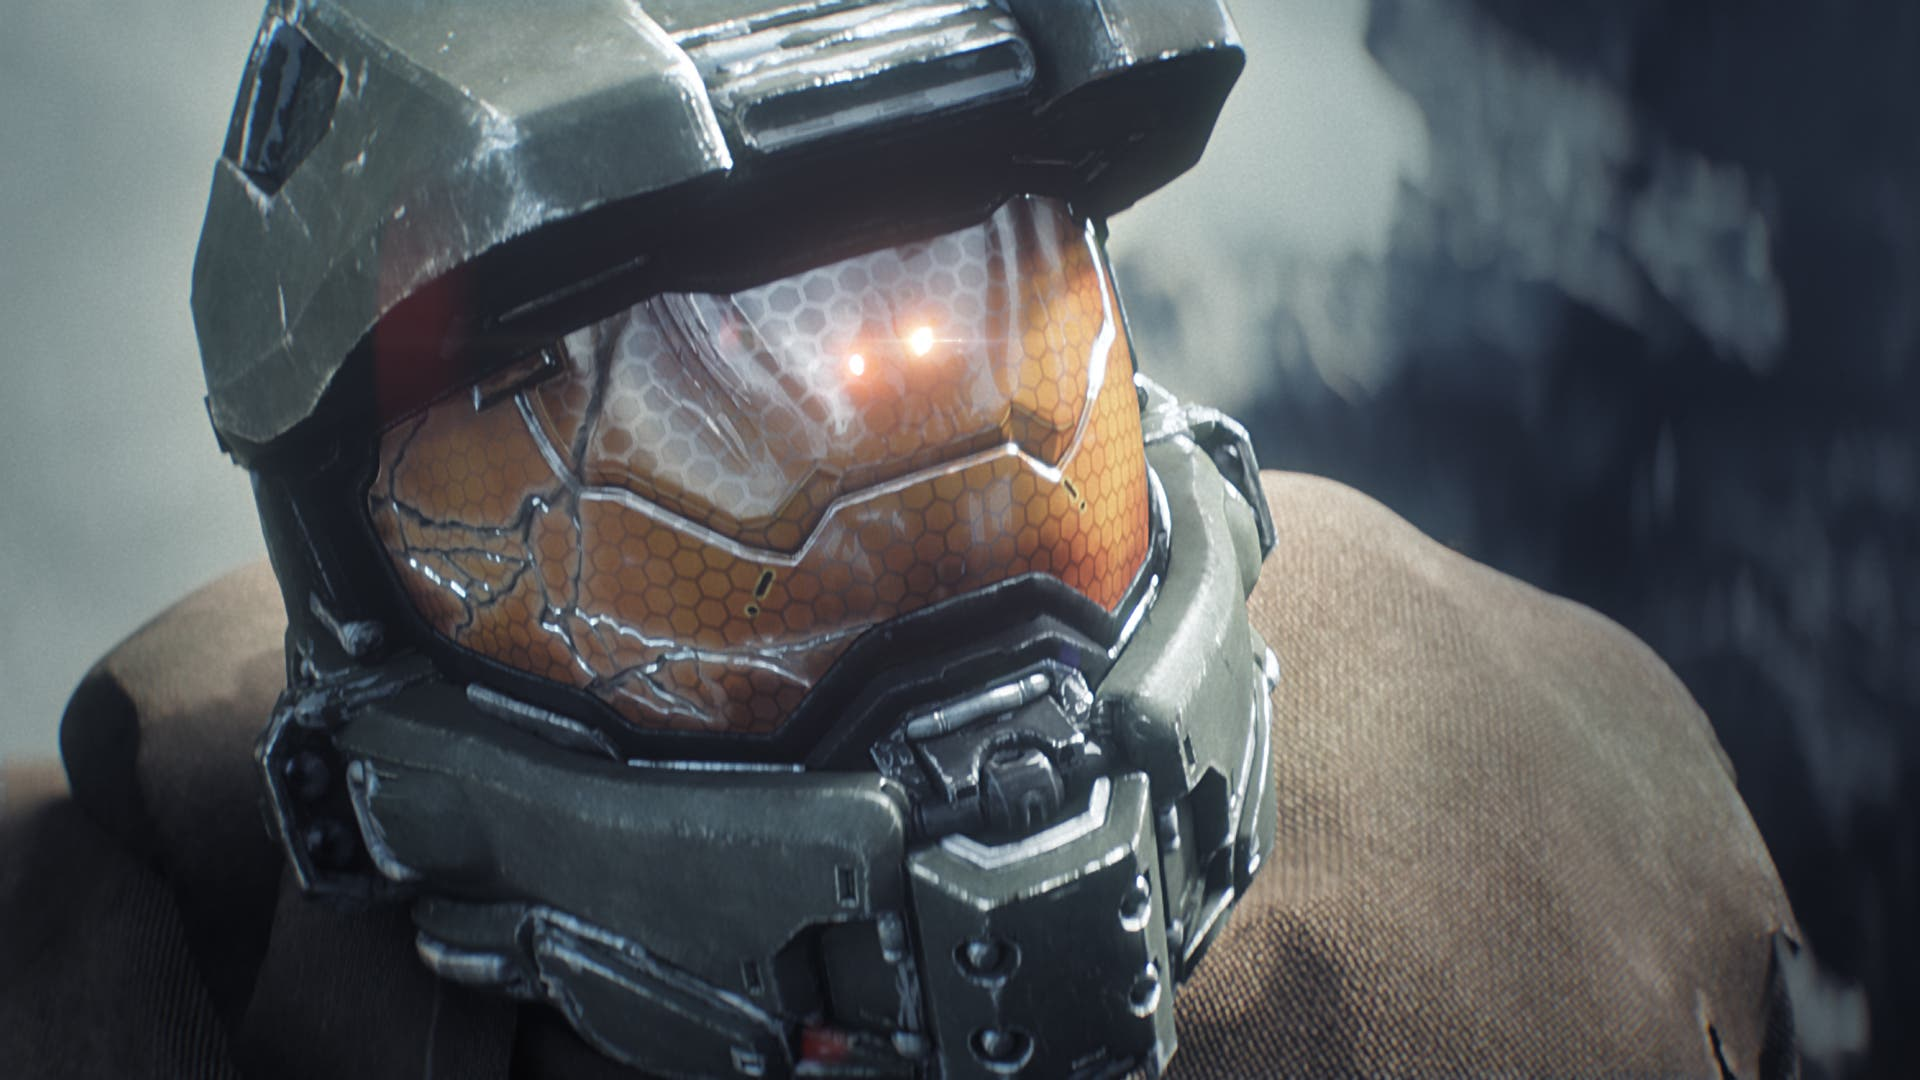 Filtrado un impresionante Live Action Trailer de Halo 5: Guardians 1